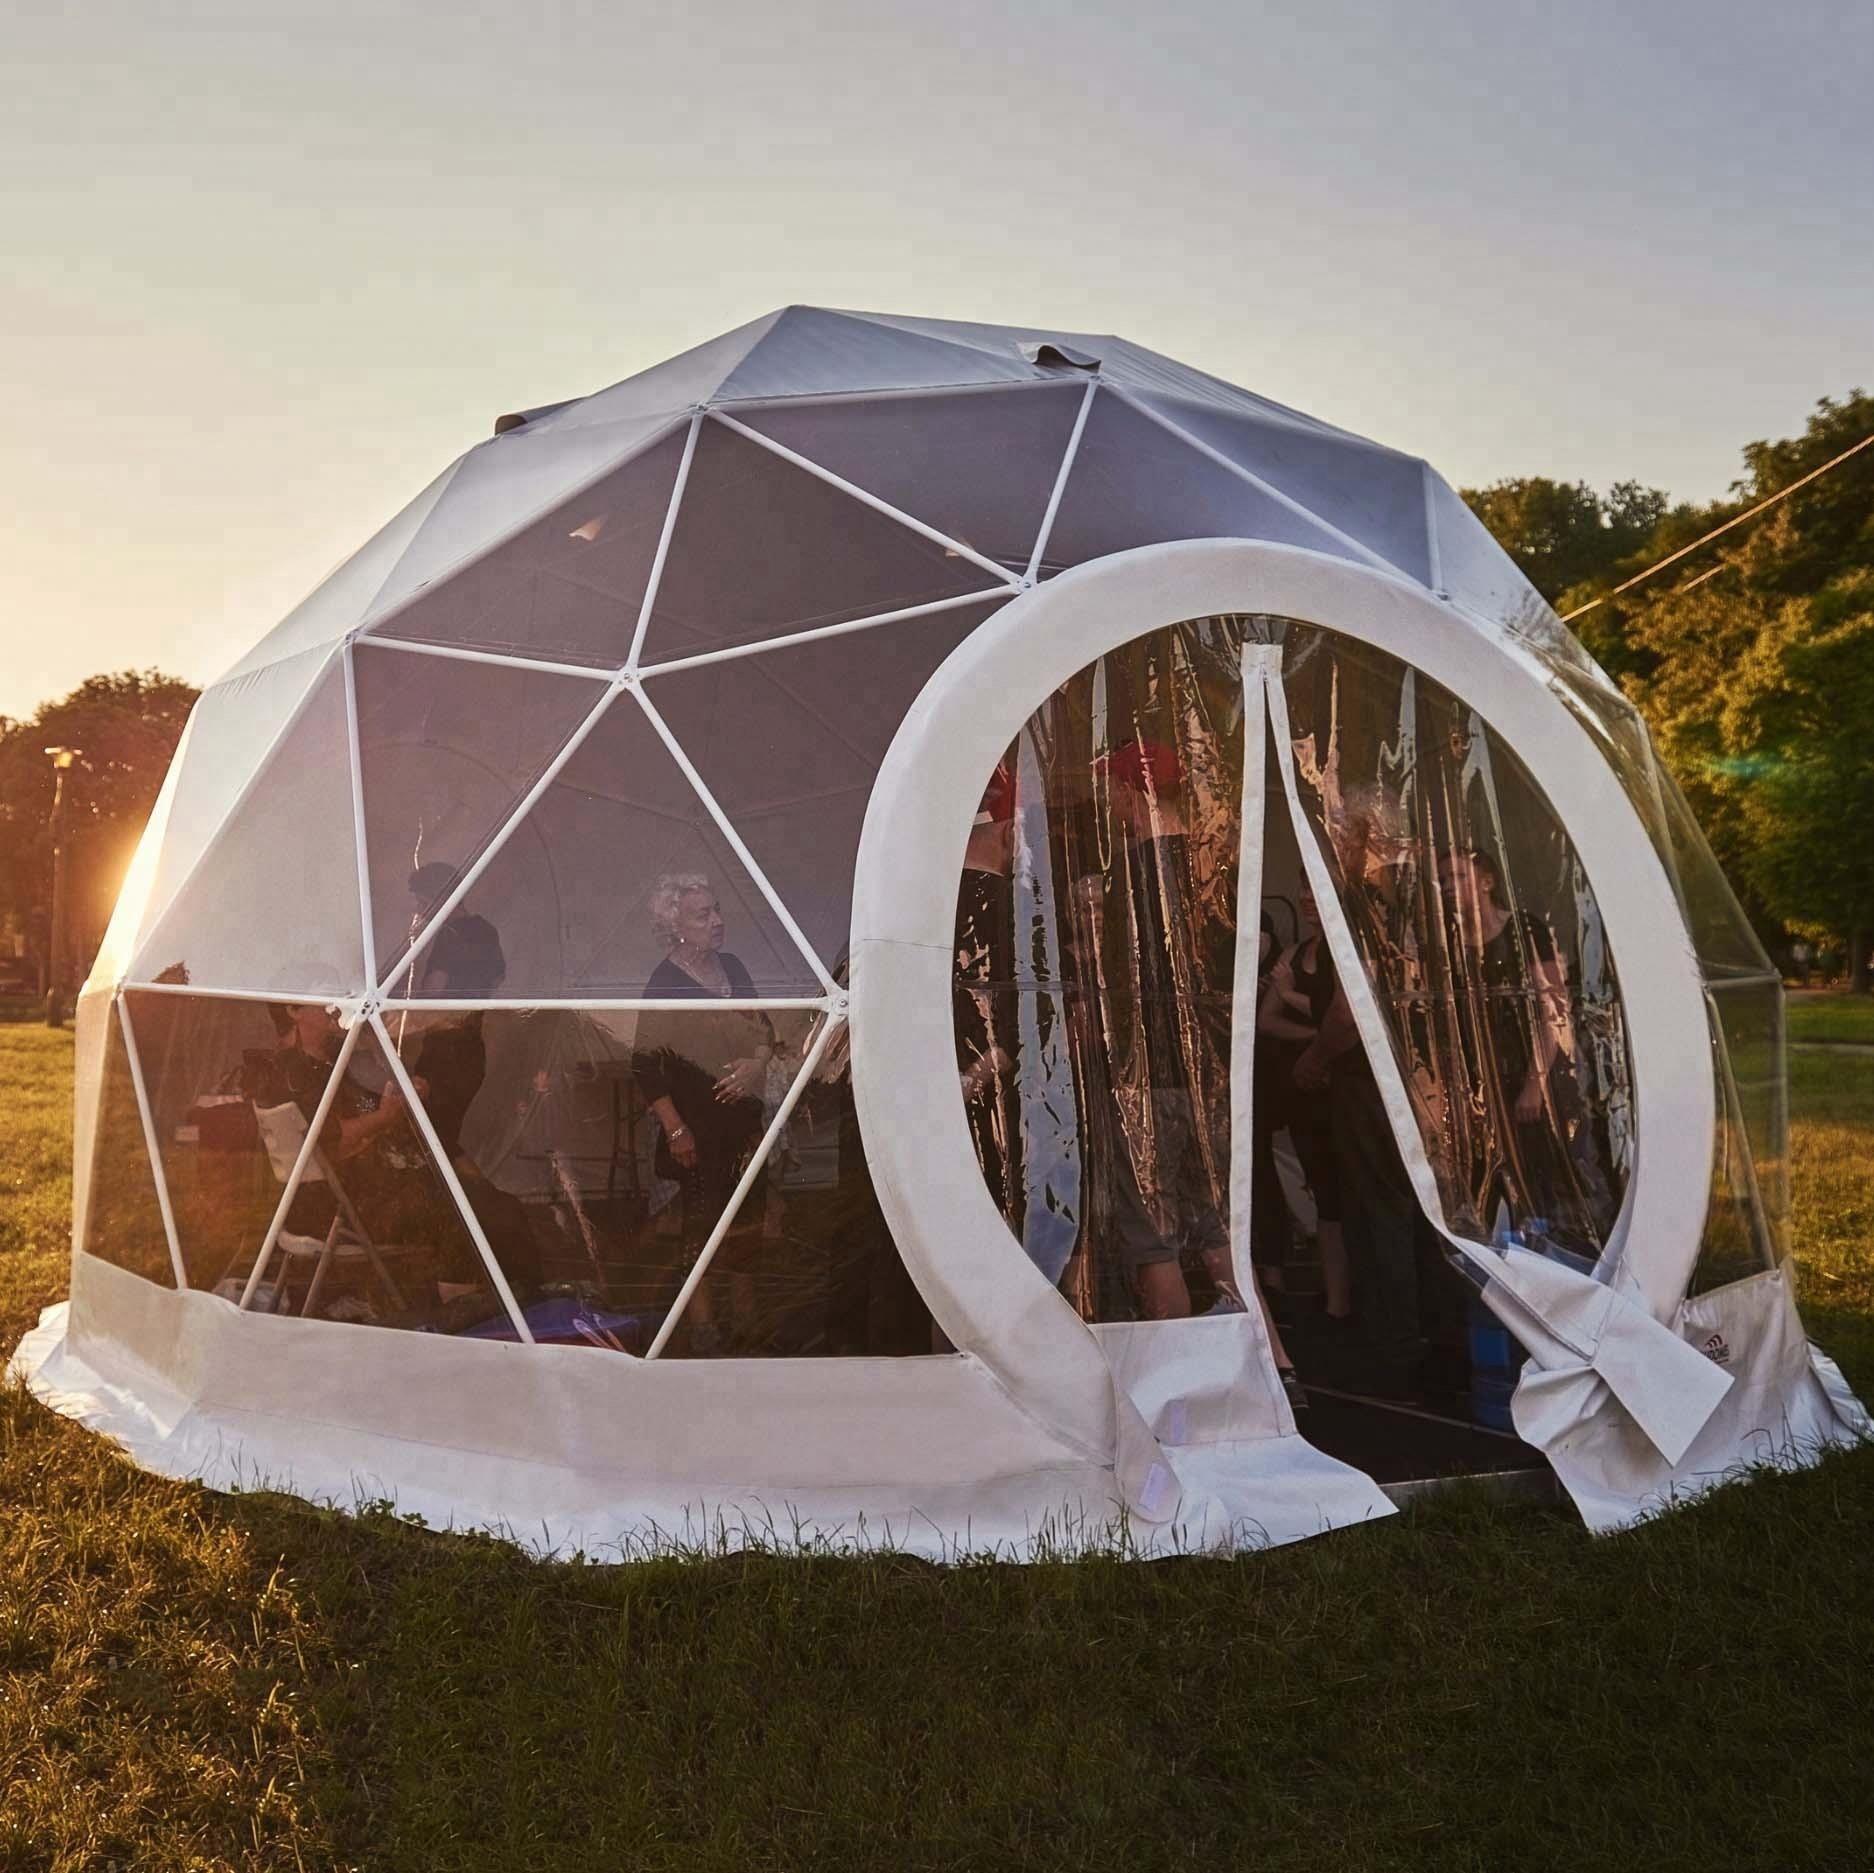 того, фото прозрачная палатка интернете